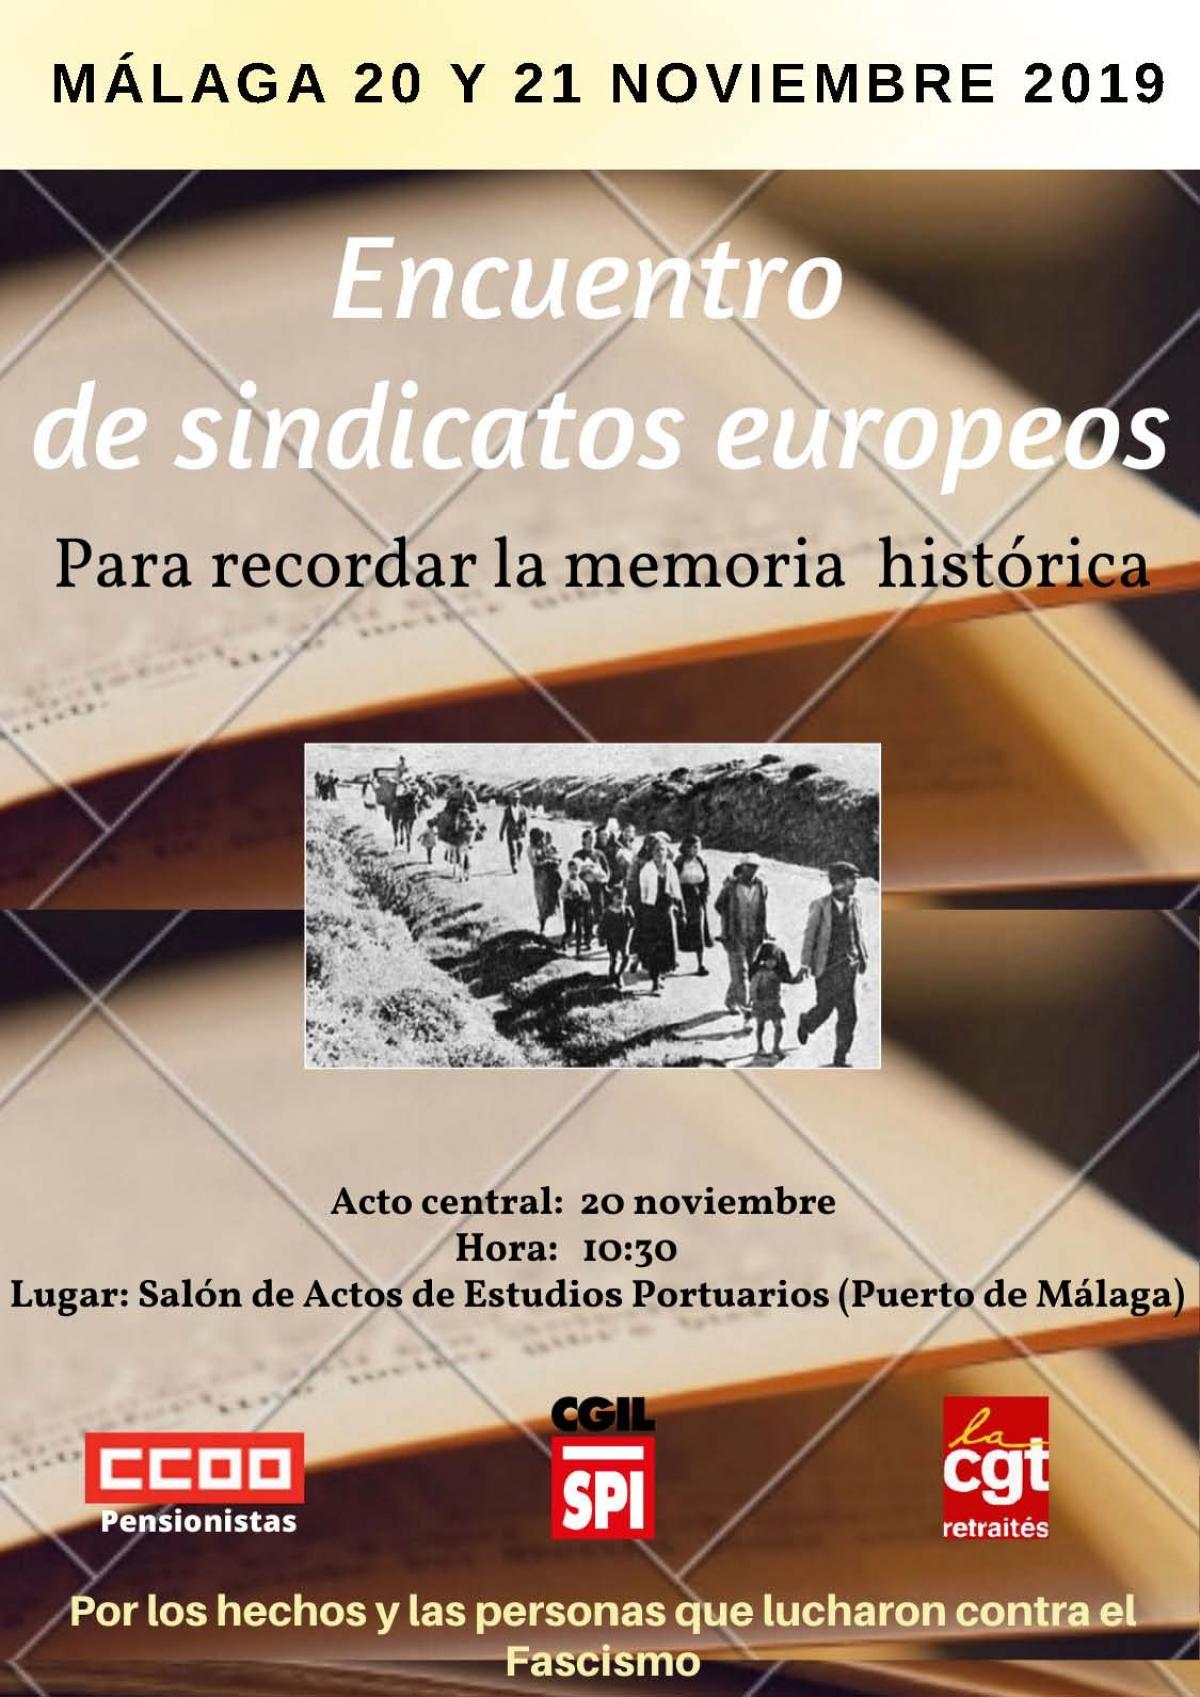 Imagen del cartel